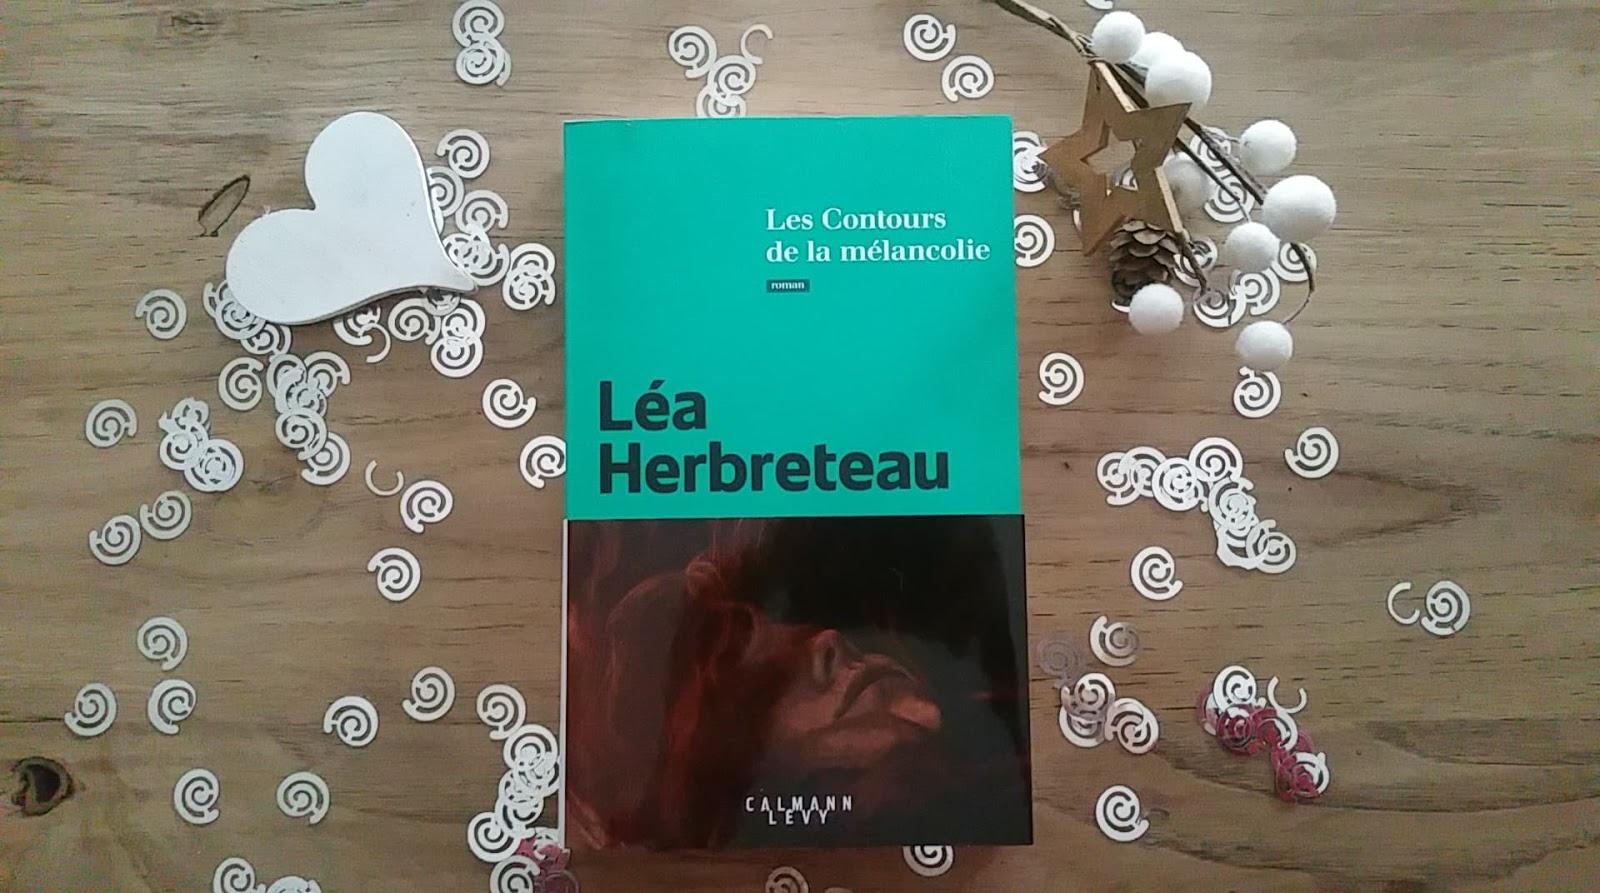 Les contours de la mélancolie Léa Herbreteau chronique littéraire happymanda